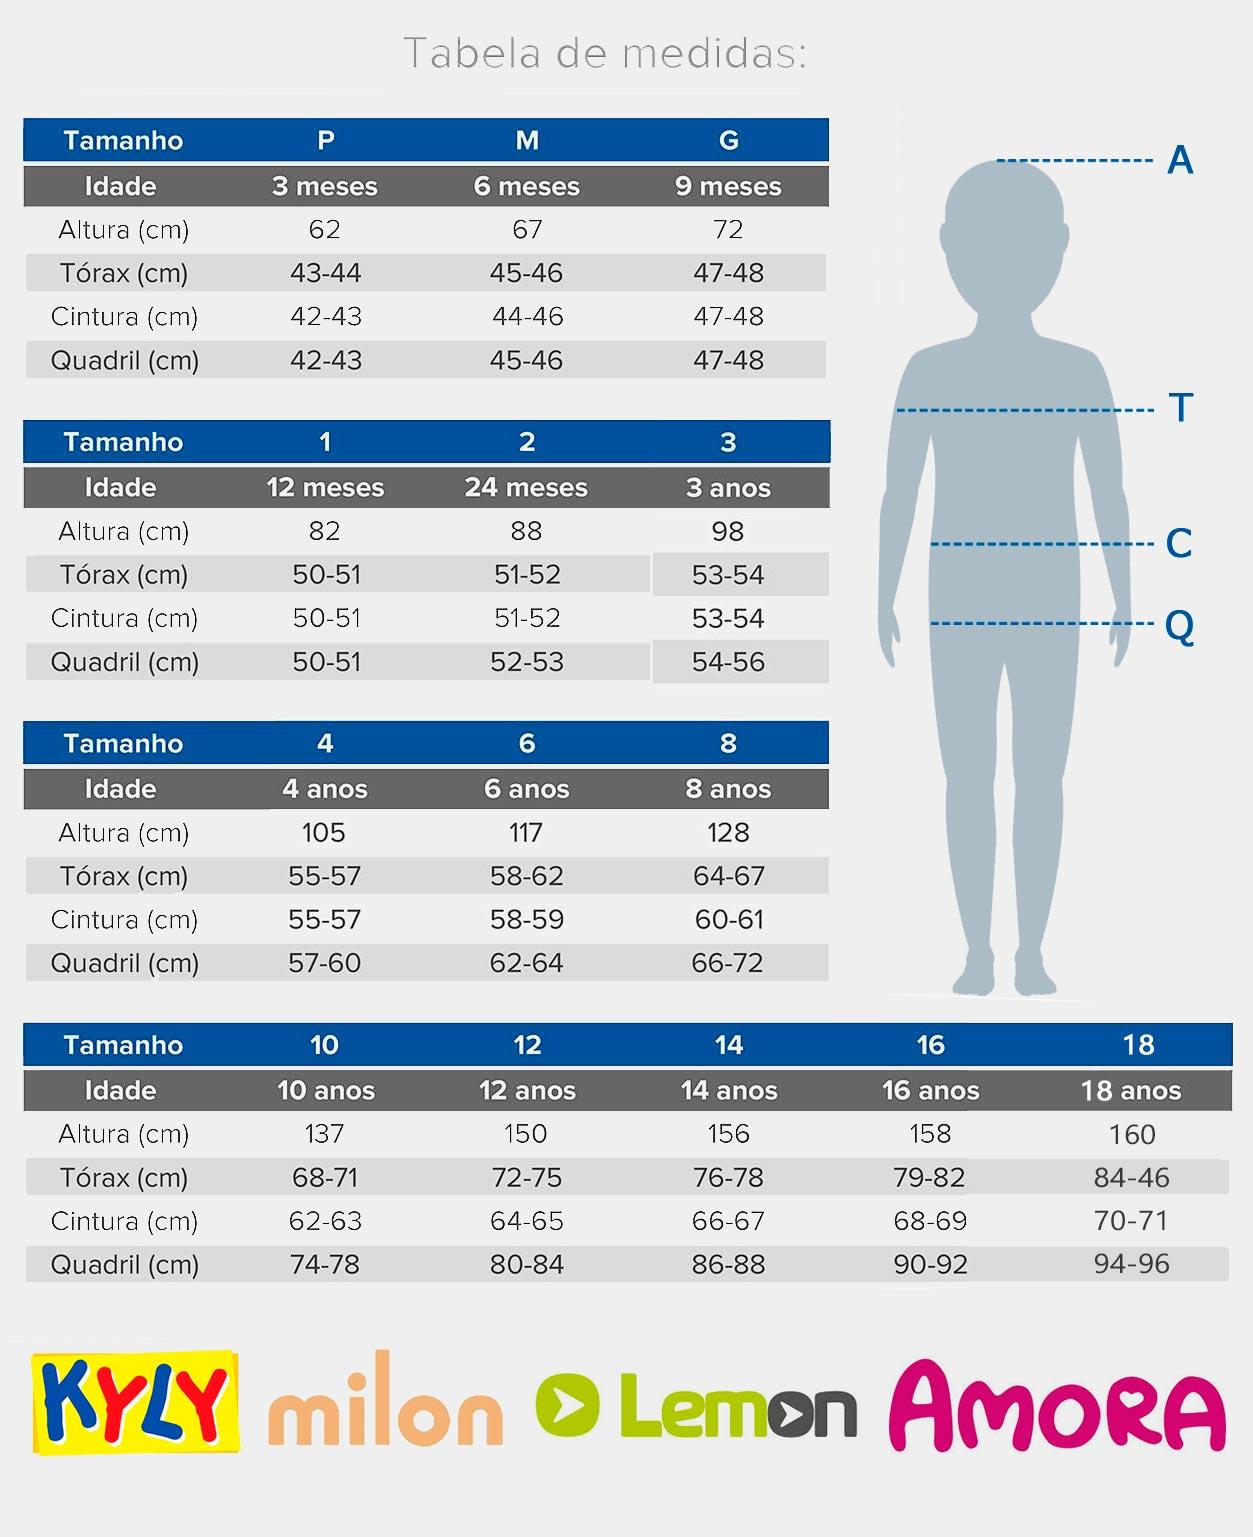 Vestido Infantil Rosa Inverno Music - Kyly: Tabela de medidas